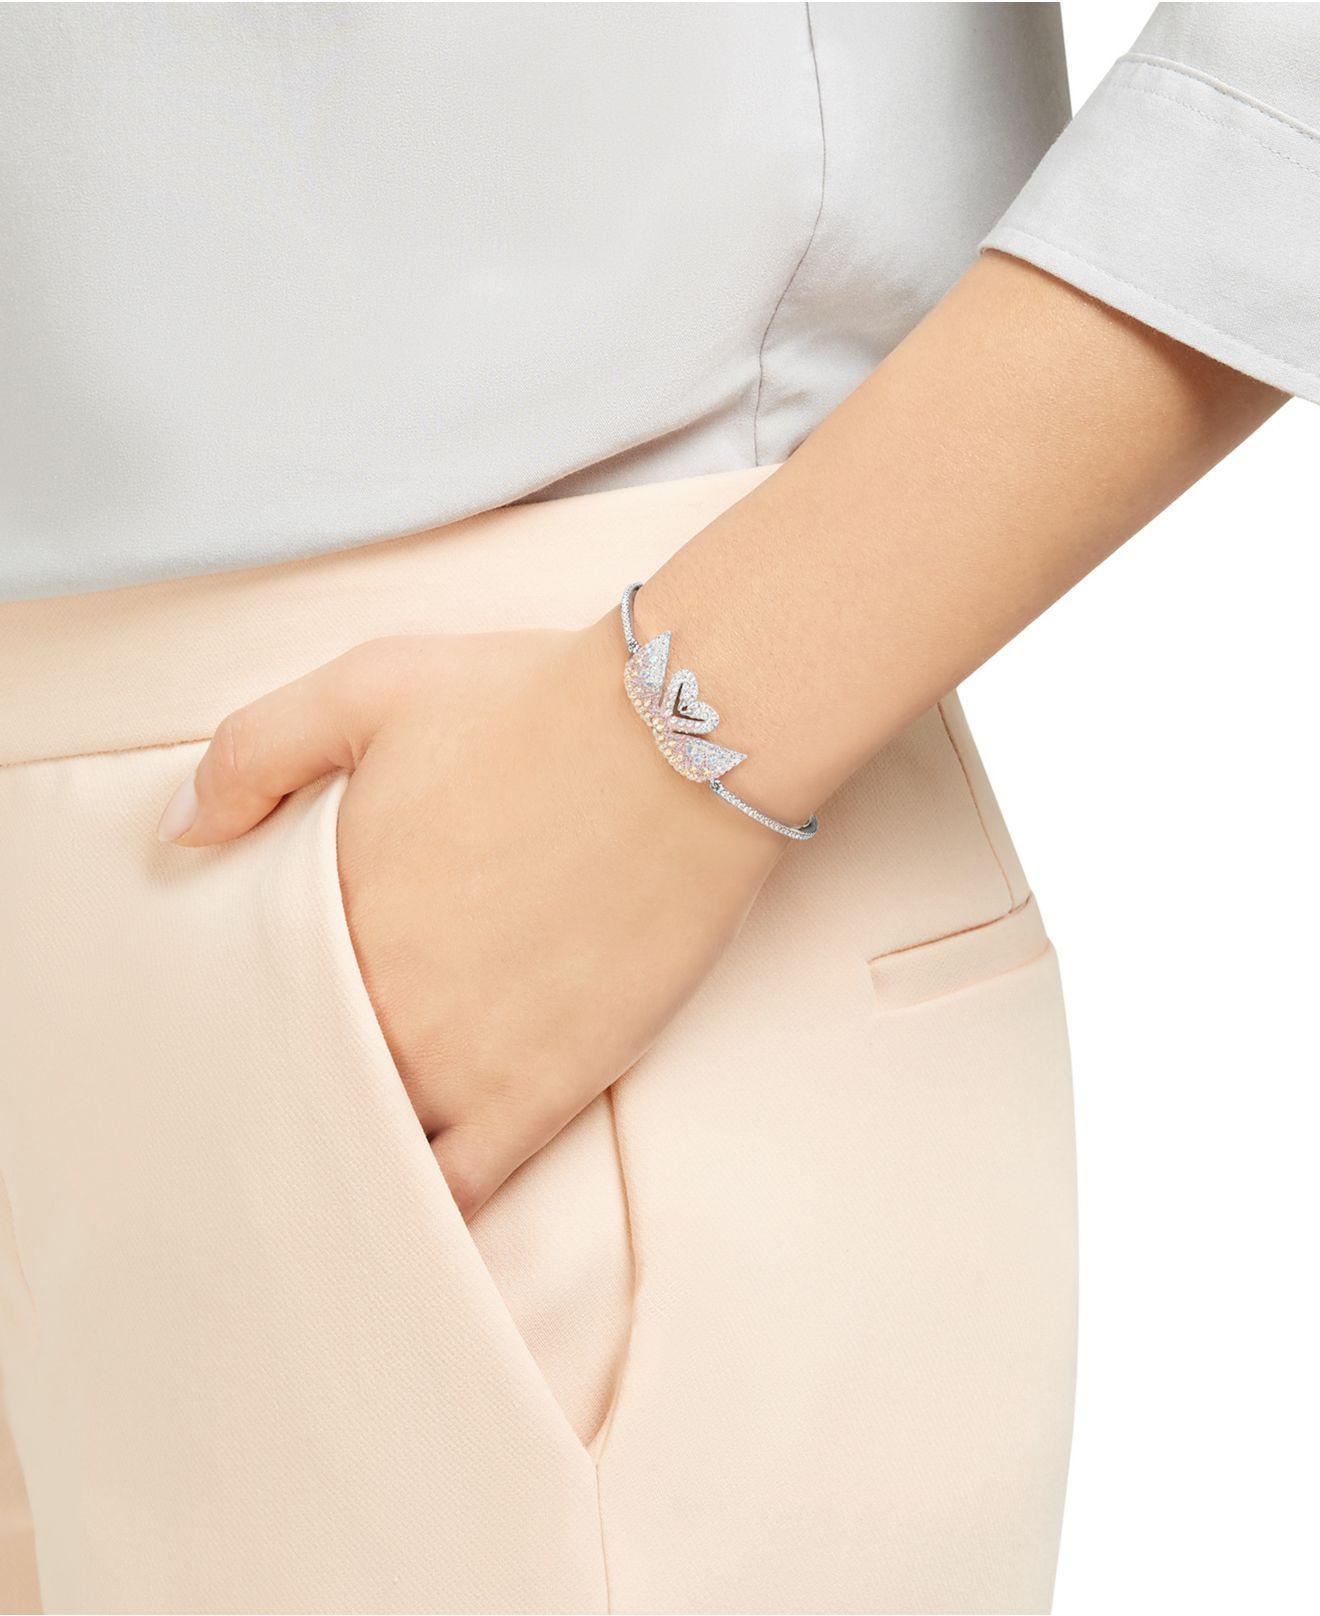 Iconic Swan Bangle Bracelet